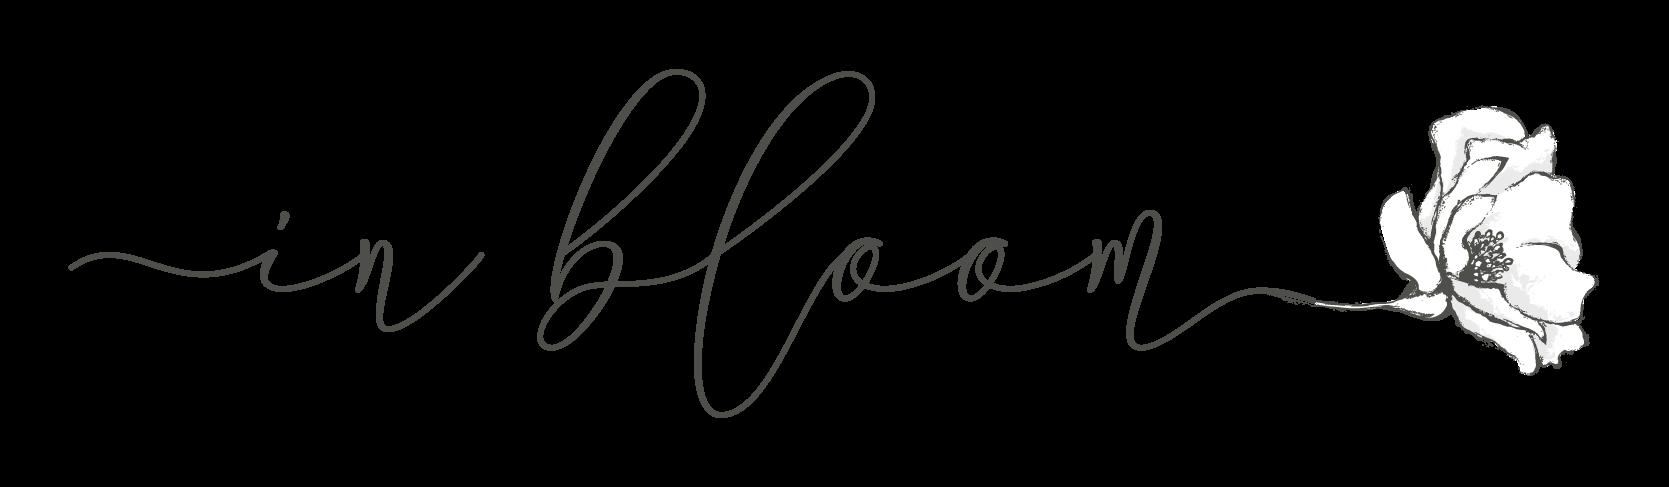 IB Logo Horizontal bandw-01.png